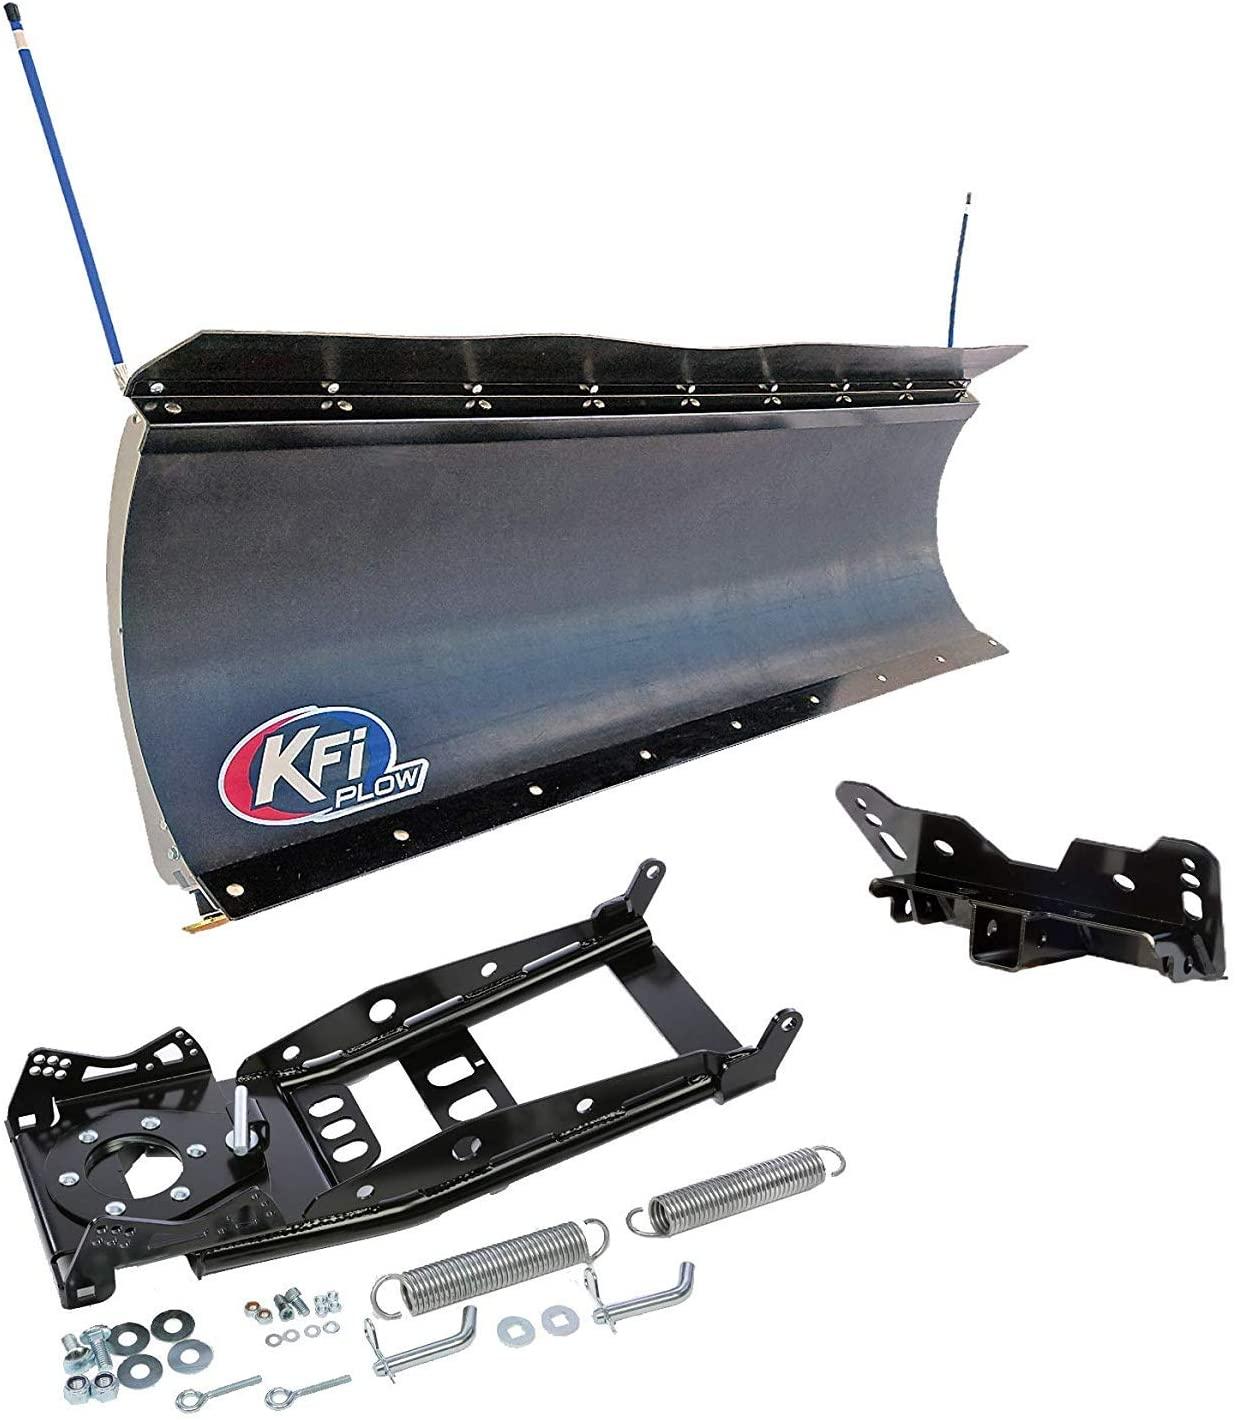 KFI 72